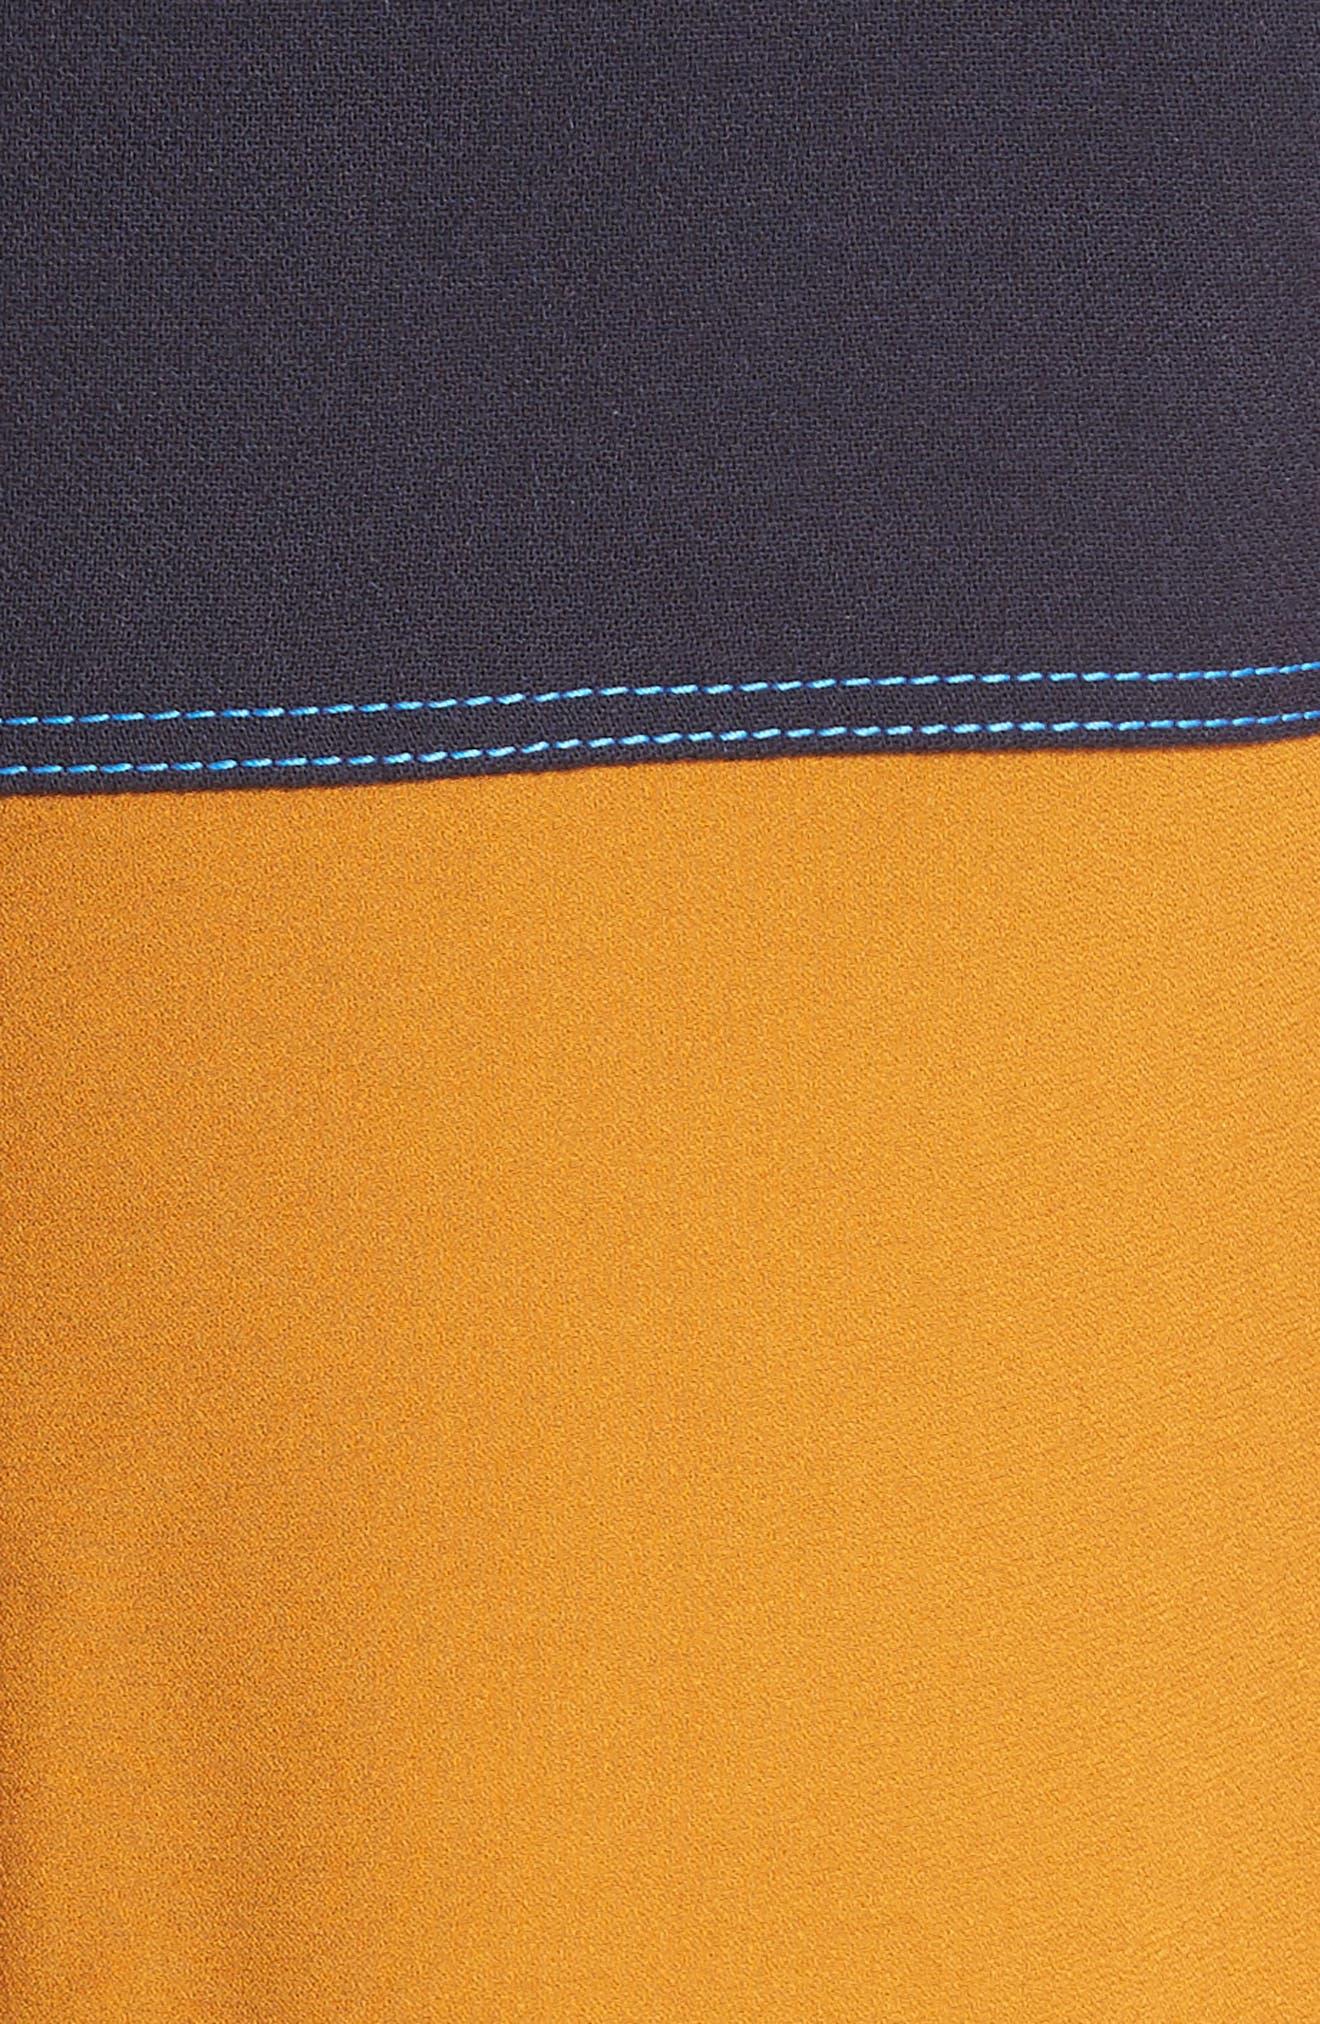 Colorblock Double Face Crepe Dress,                             Alternate thumbnail 6, color,                             Black/ Blue